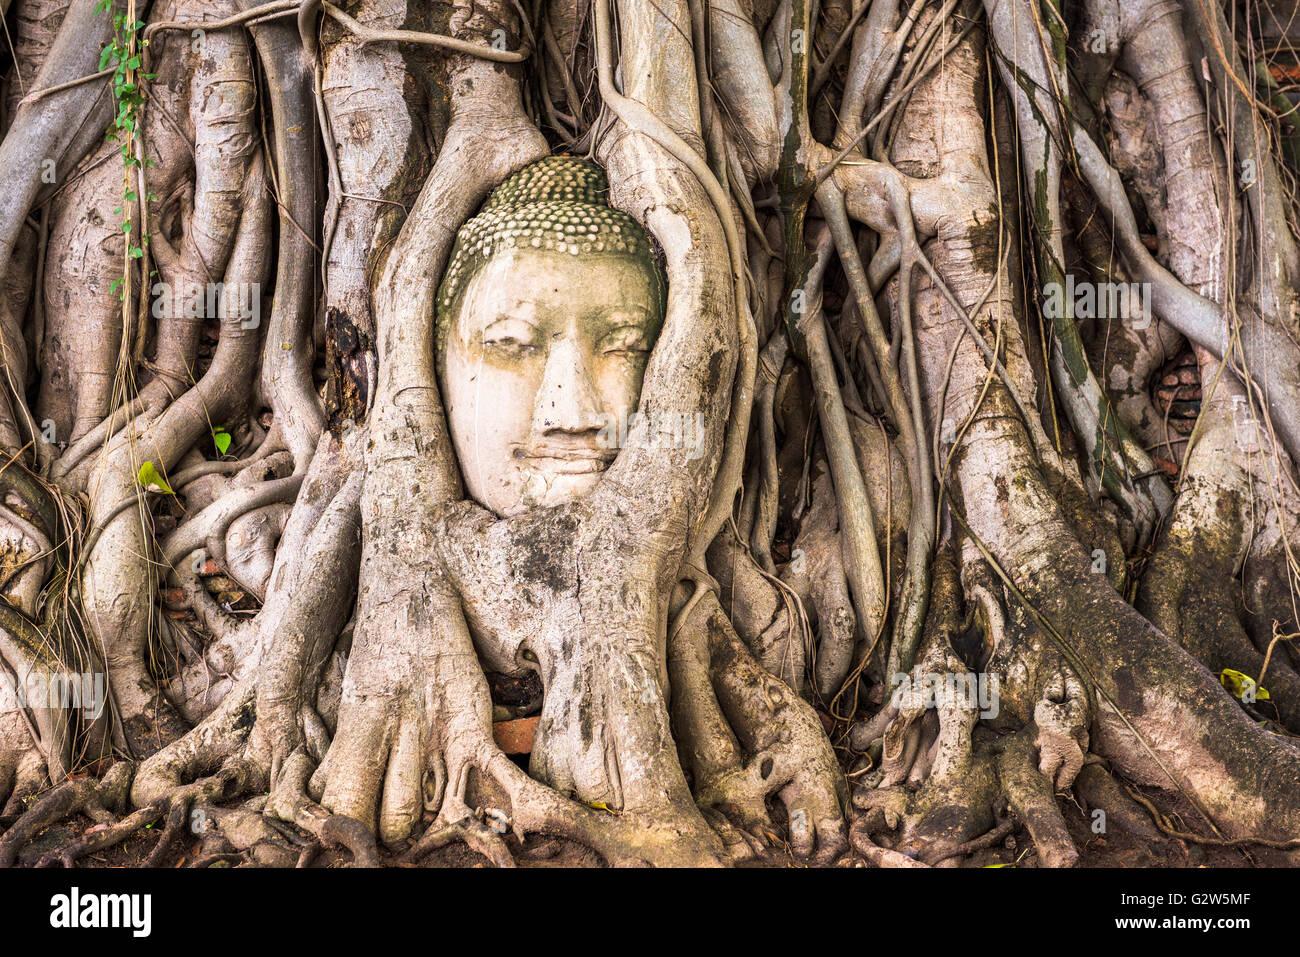 Cabeza Buda en el Banyan tree raíces en Wat Mahathat en Ayutthaya, Tailandia. Imagen De Stock